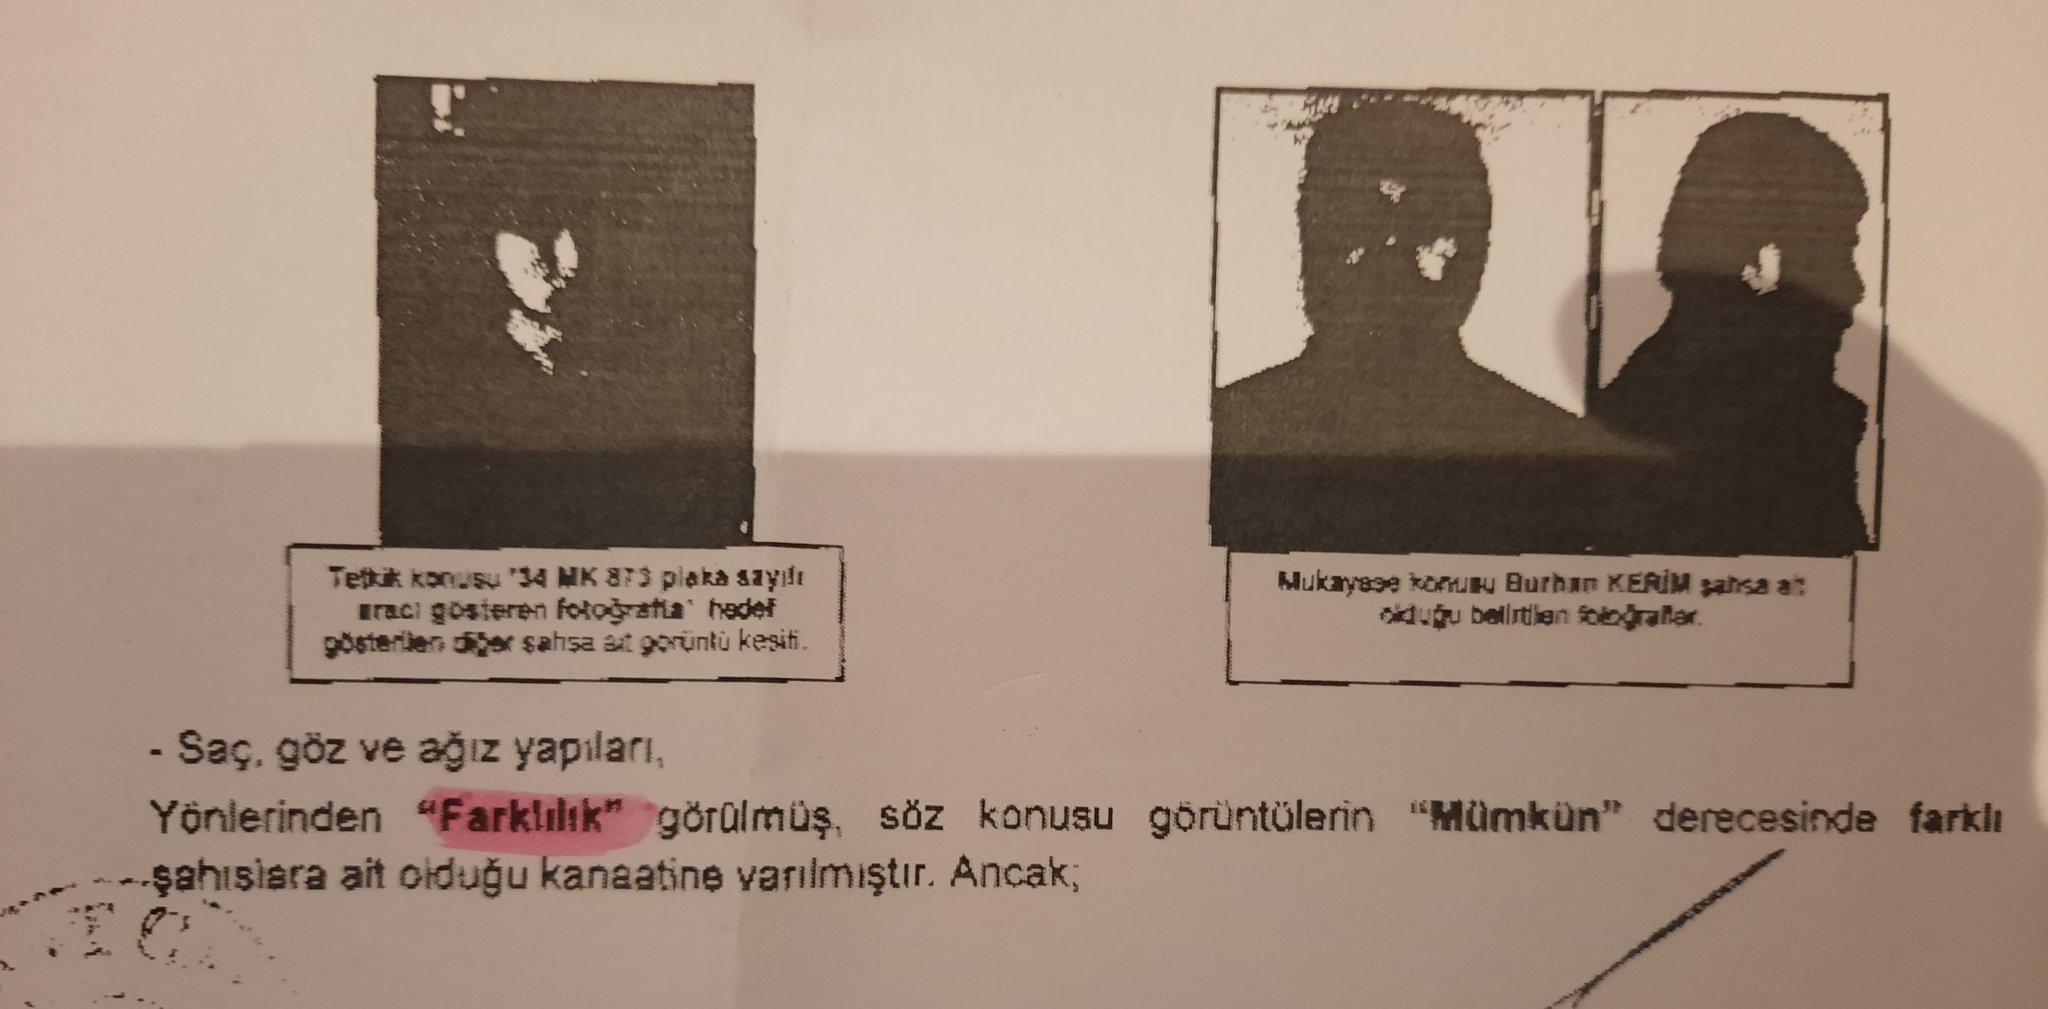 esmrvkaw4acgcg4.jpg